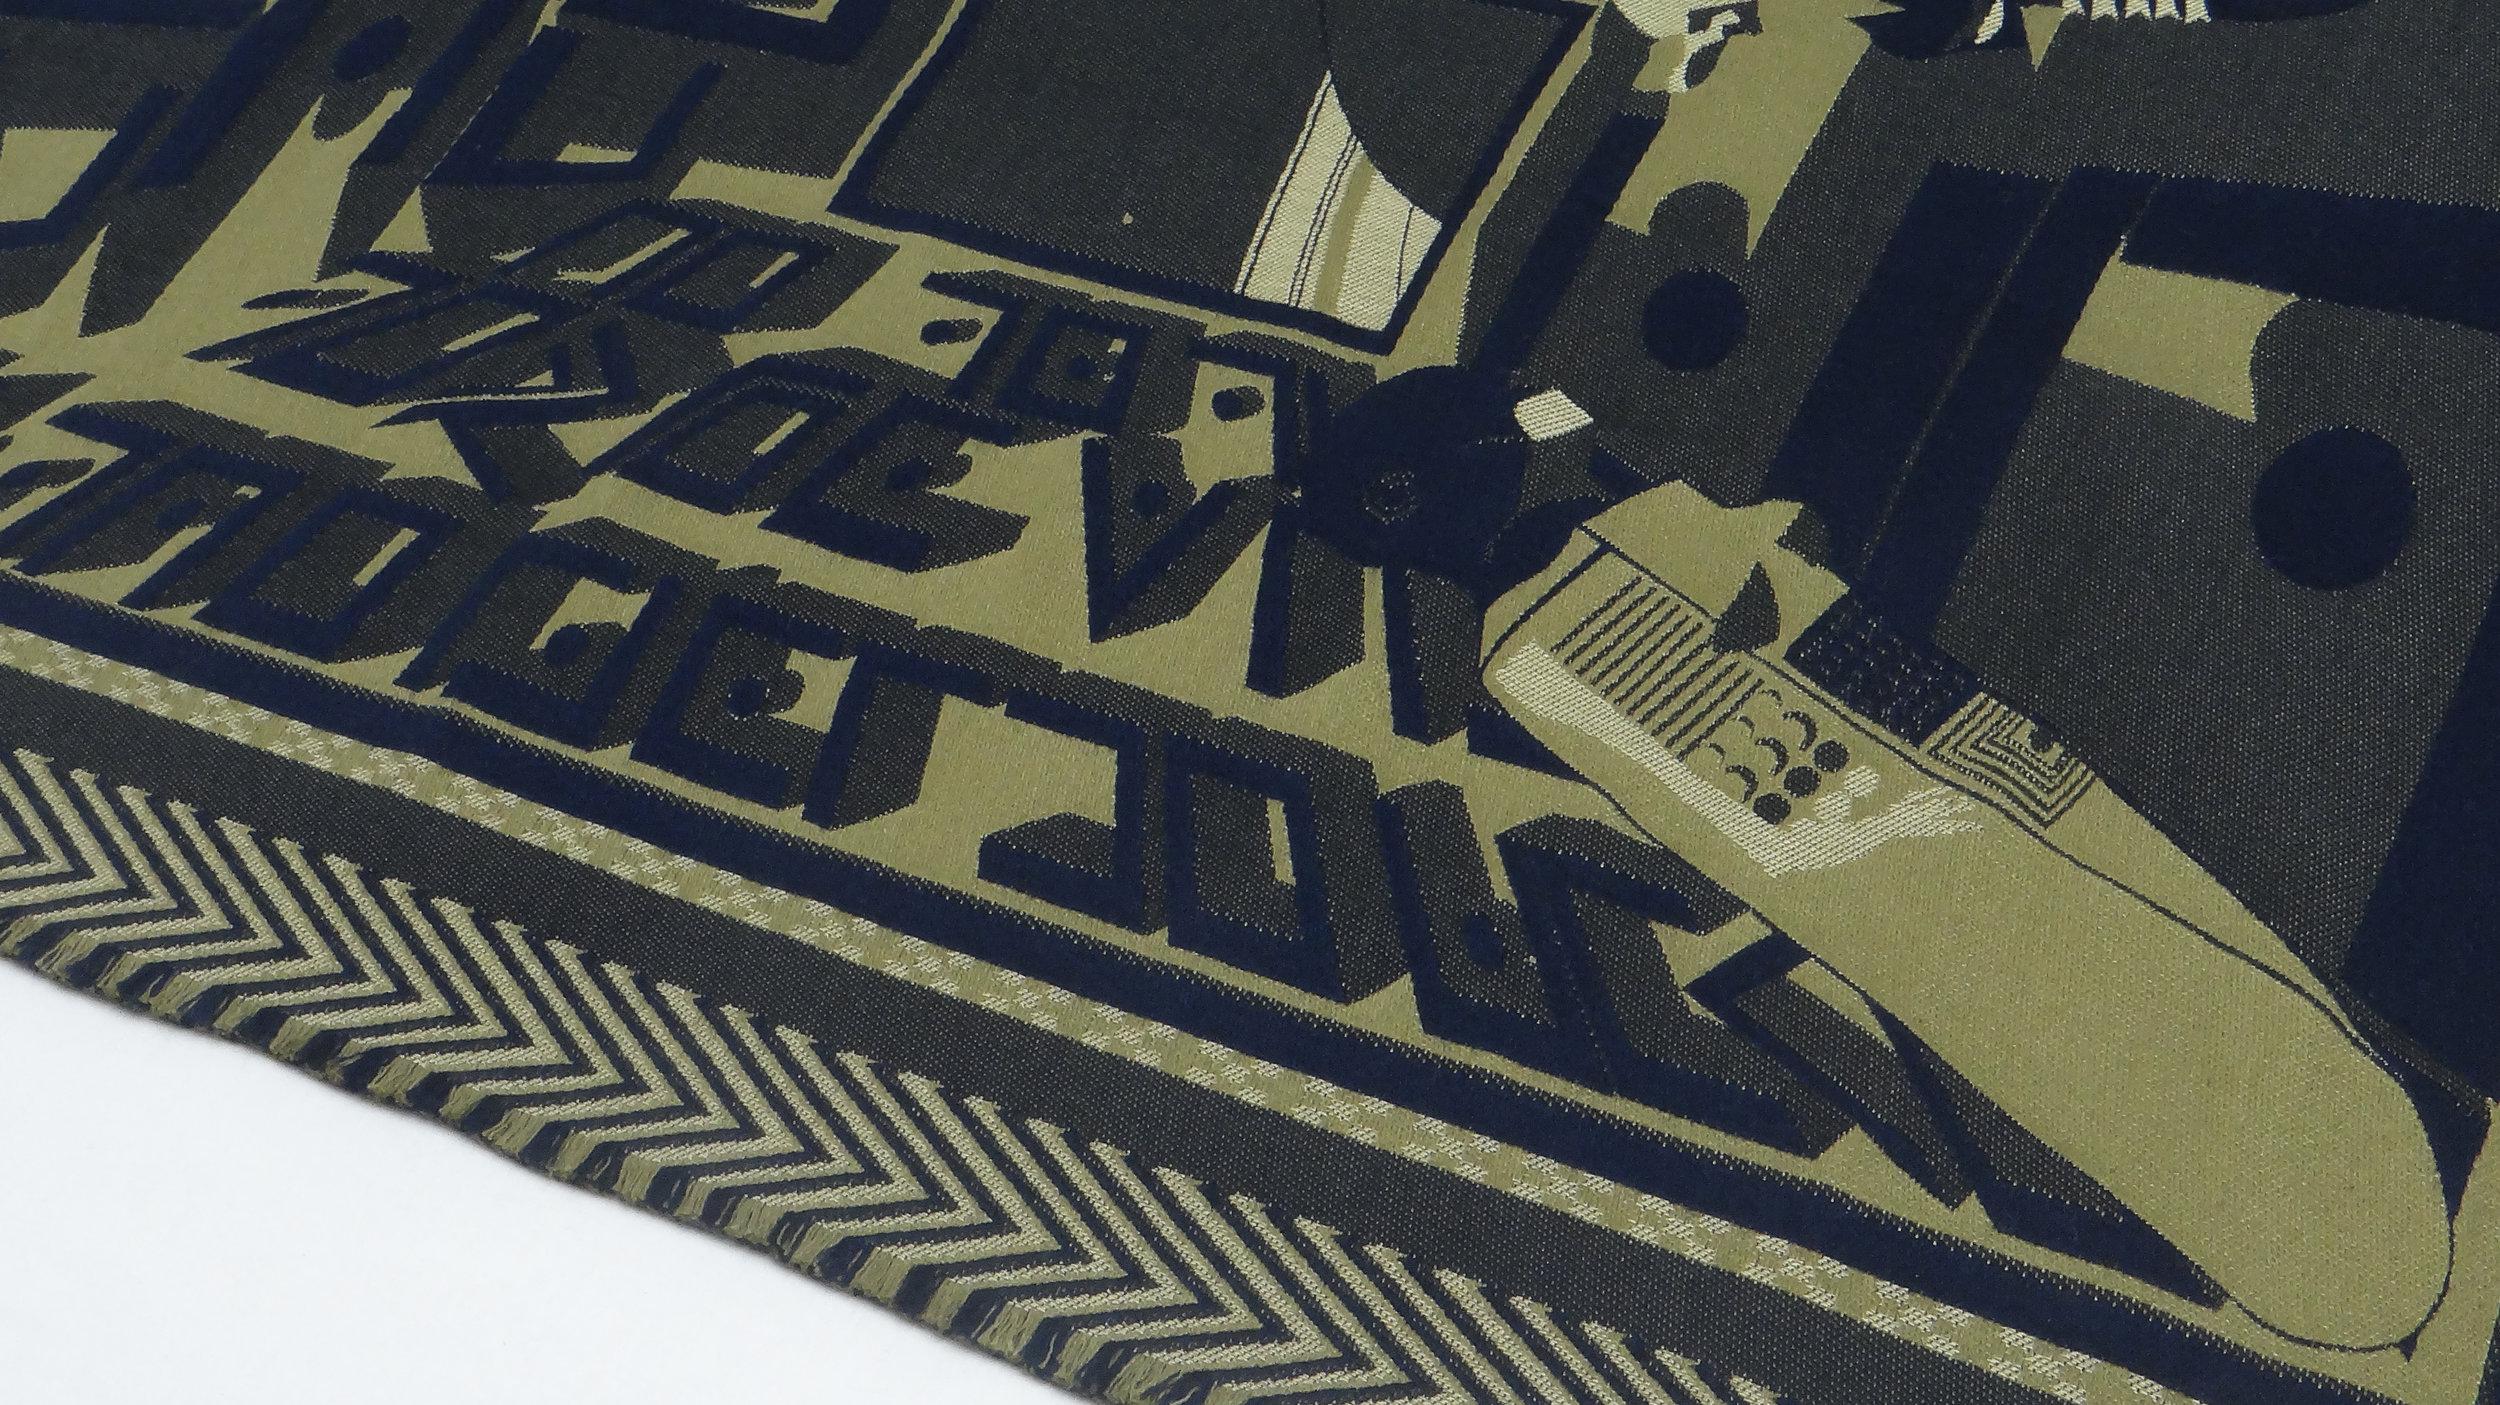 D/P/H Blanket - Midnight Cactus